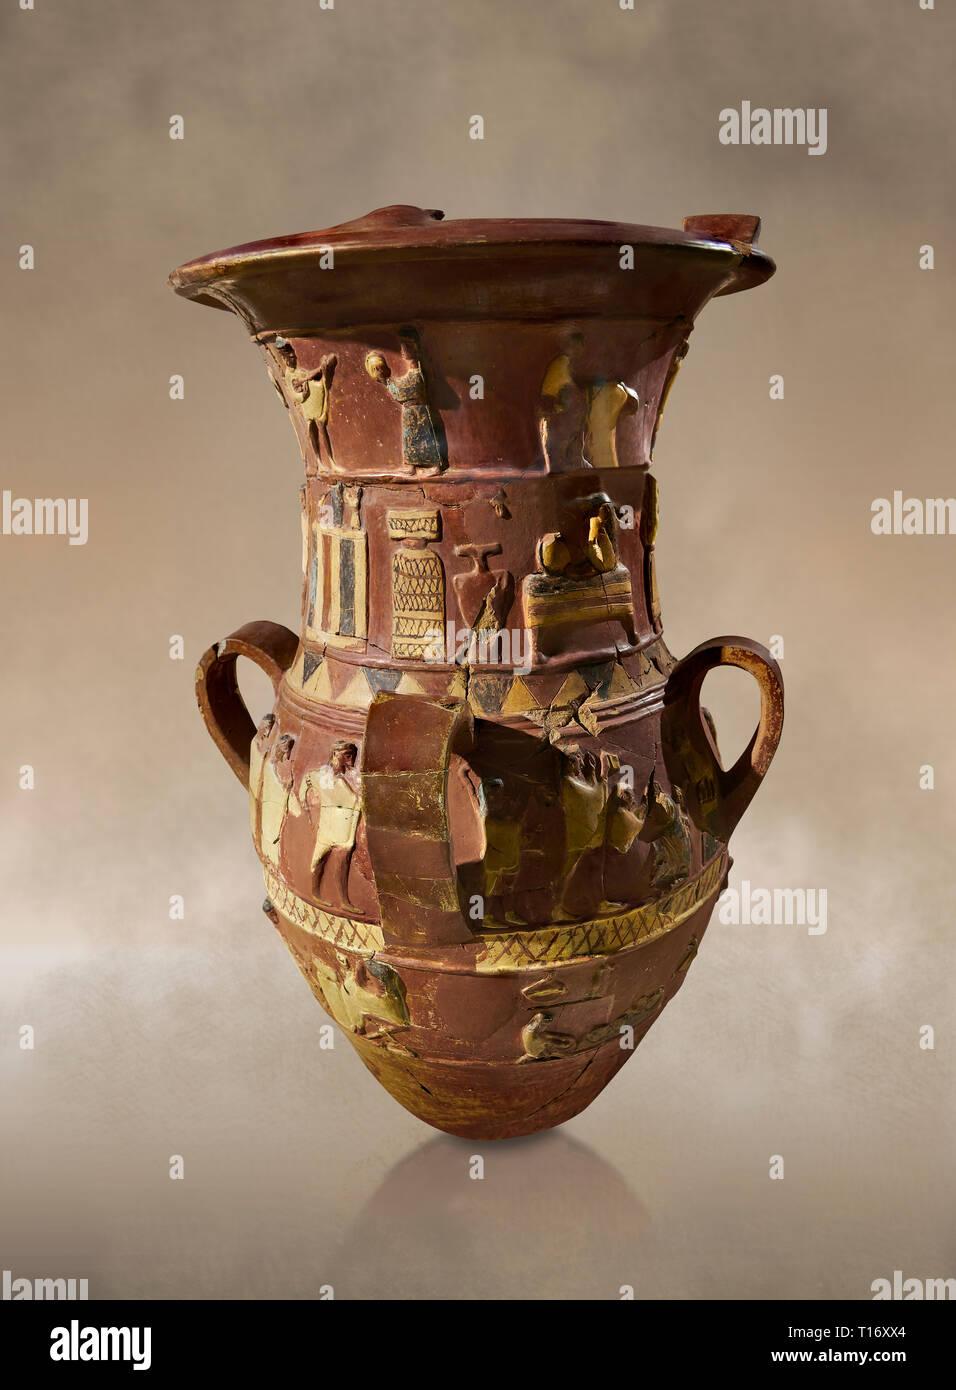 Socorro hitita Inandik decorado libación culto jarrón con cuatro frisos con figuras decorativas en forma de crema, de color rojo y negro. En la parte superior de regist Foto de stock